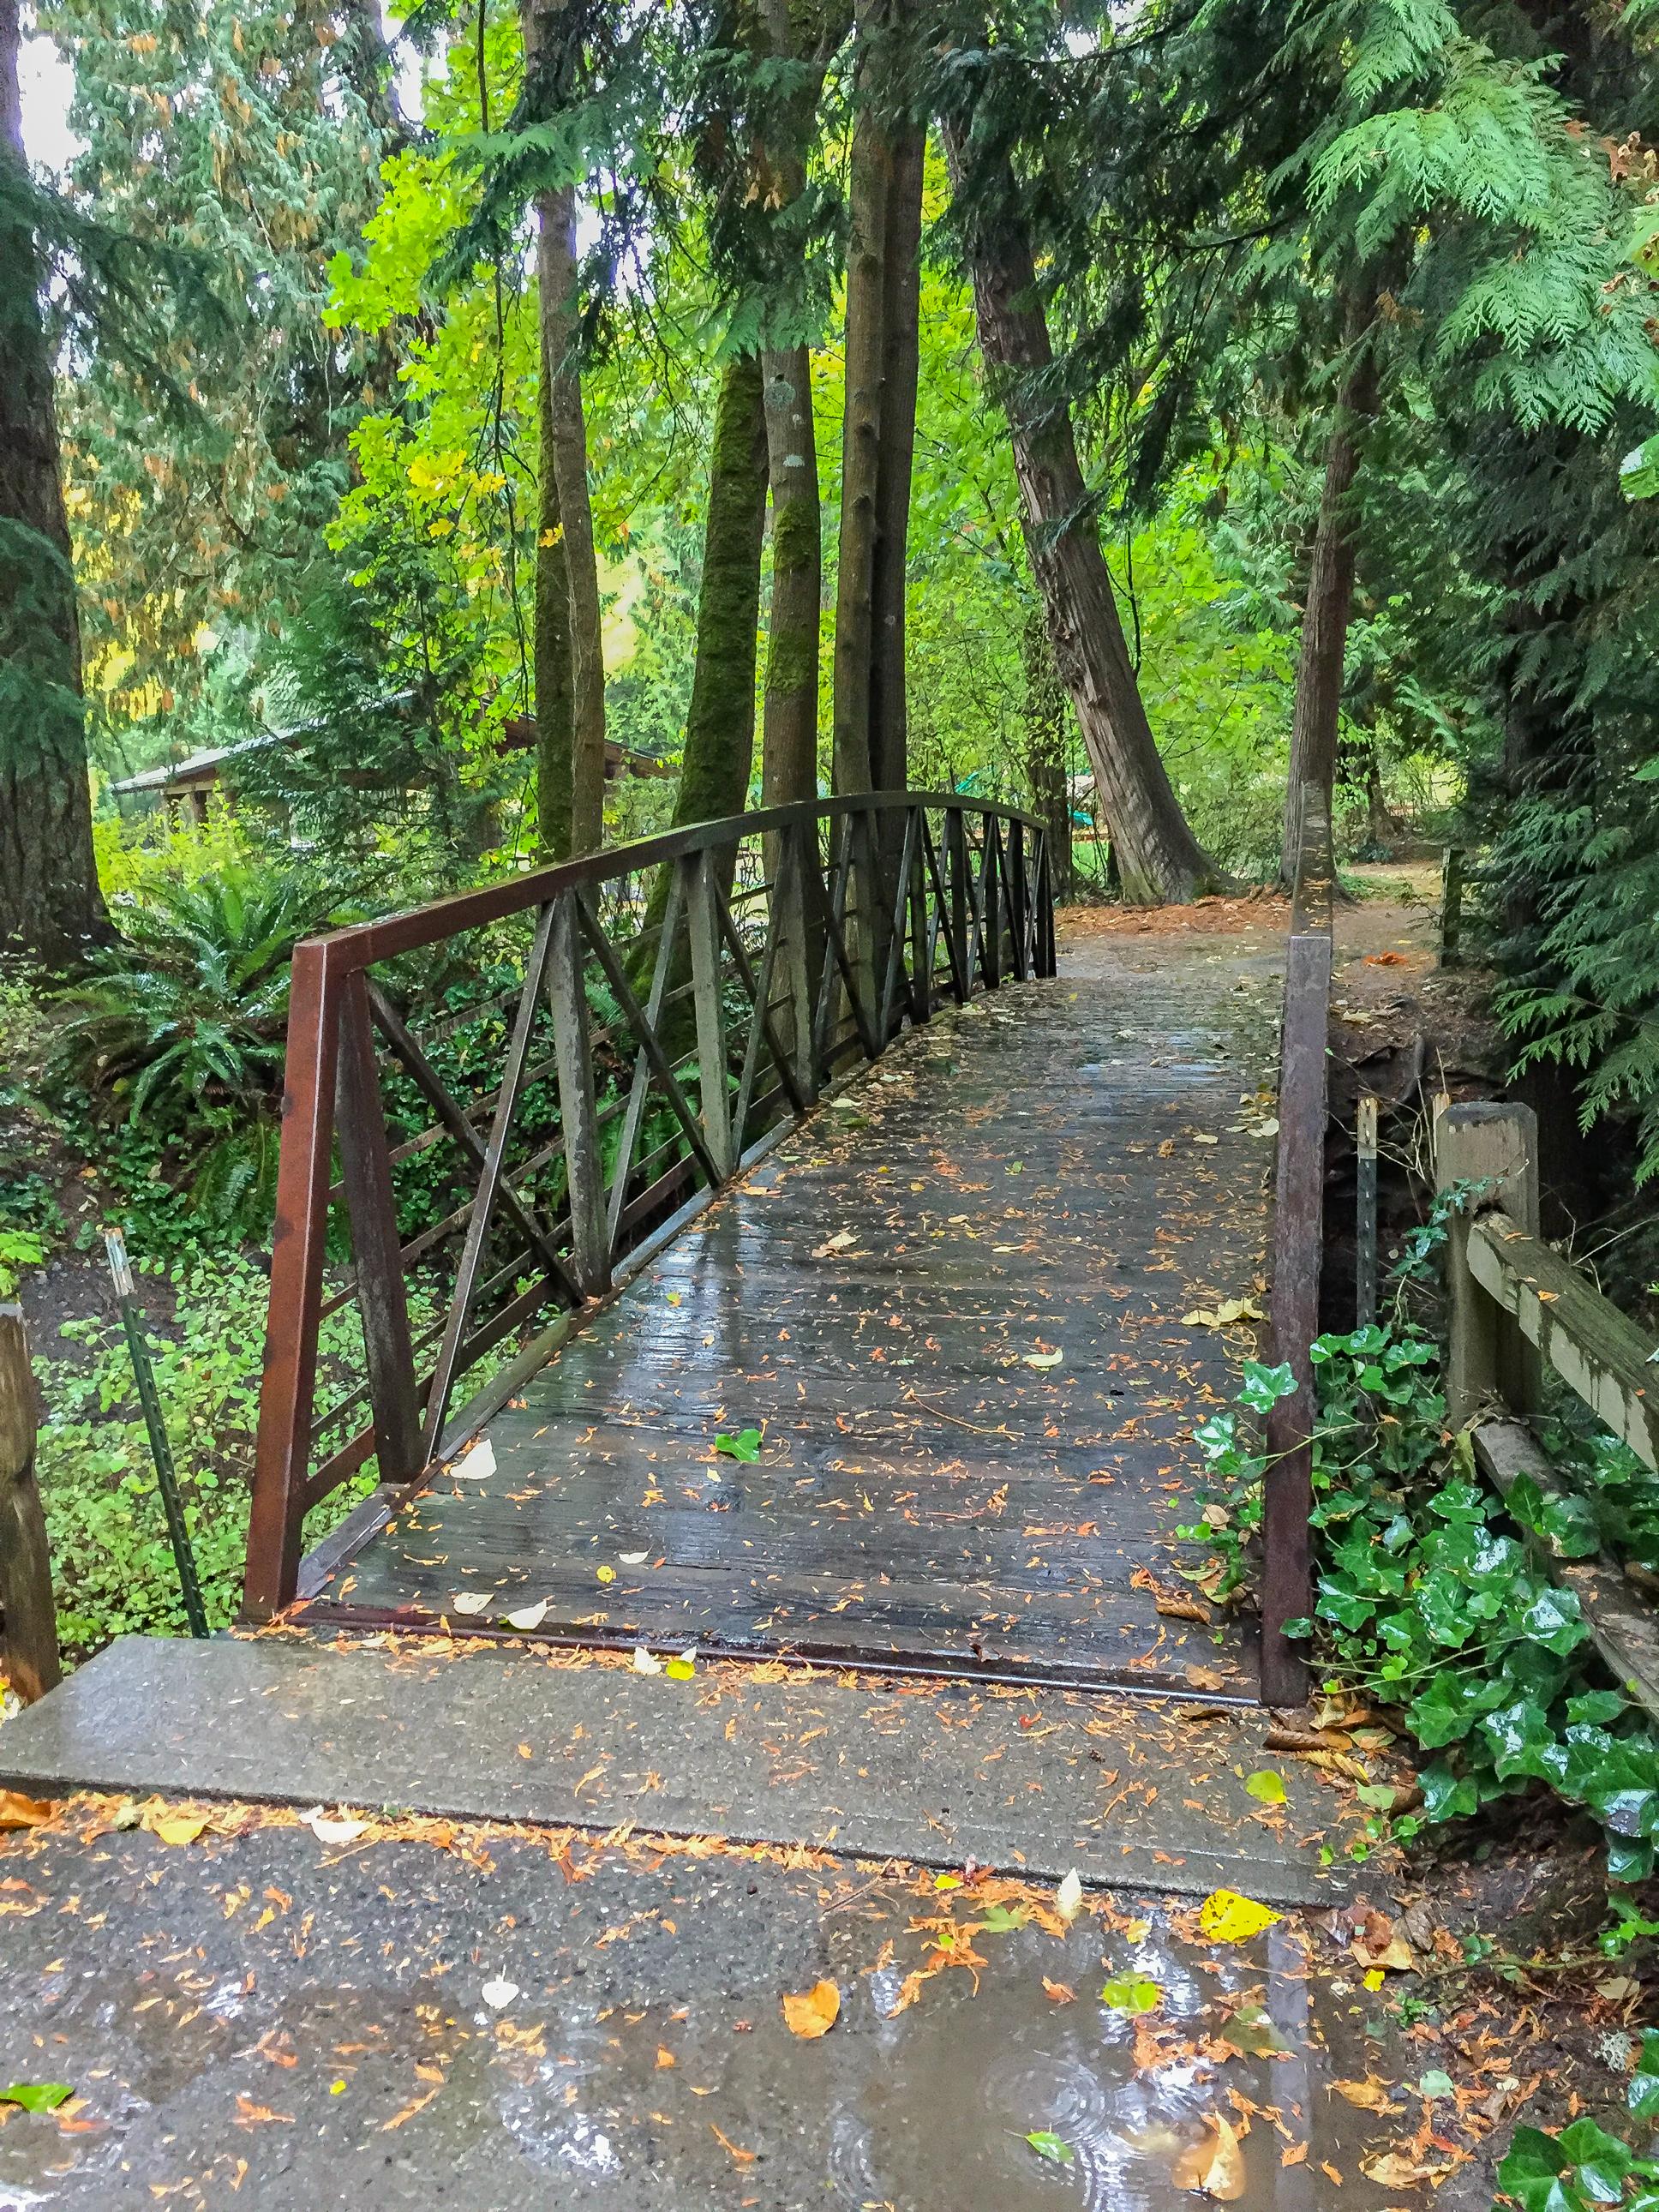 Crossing a bridge over Denny Creek